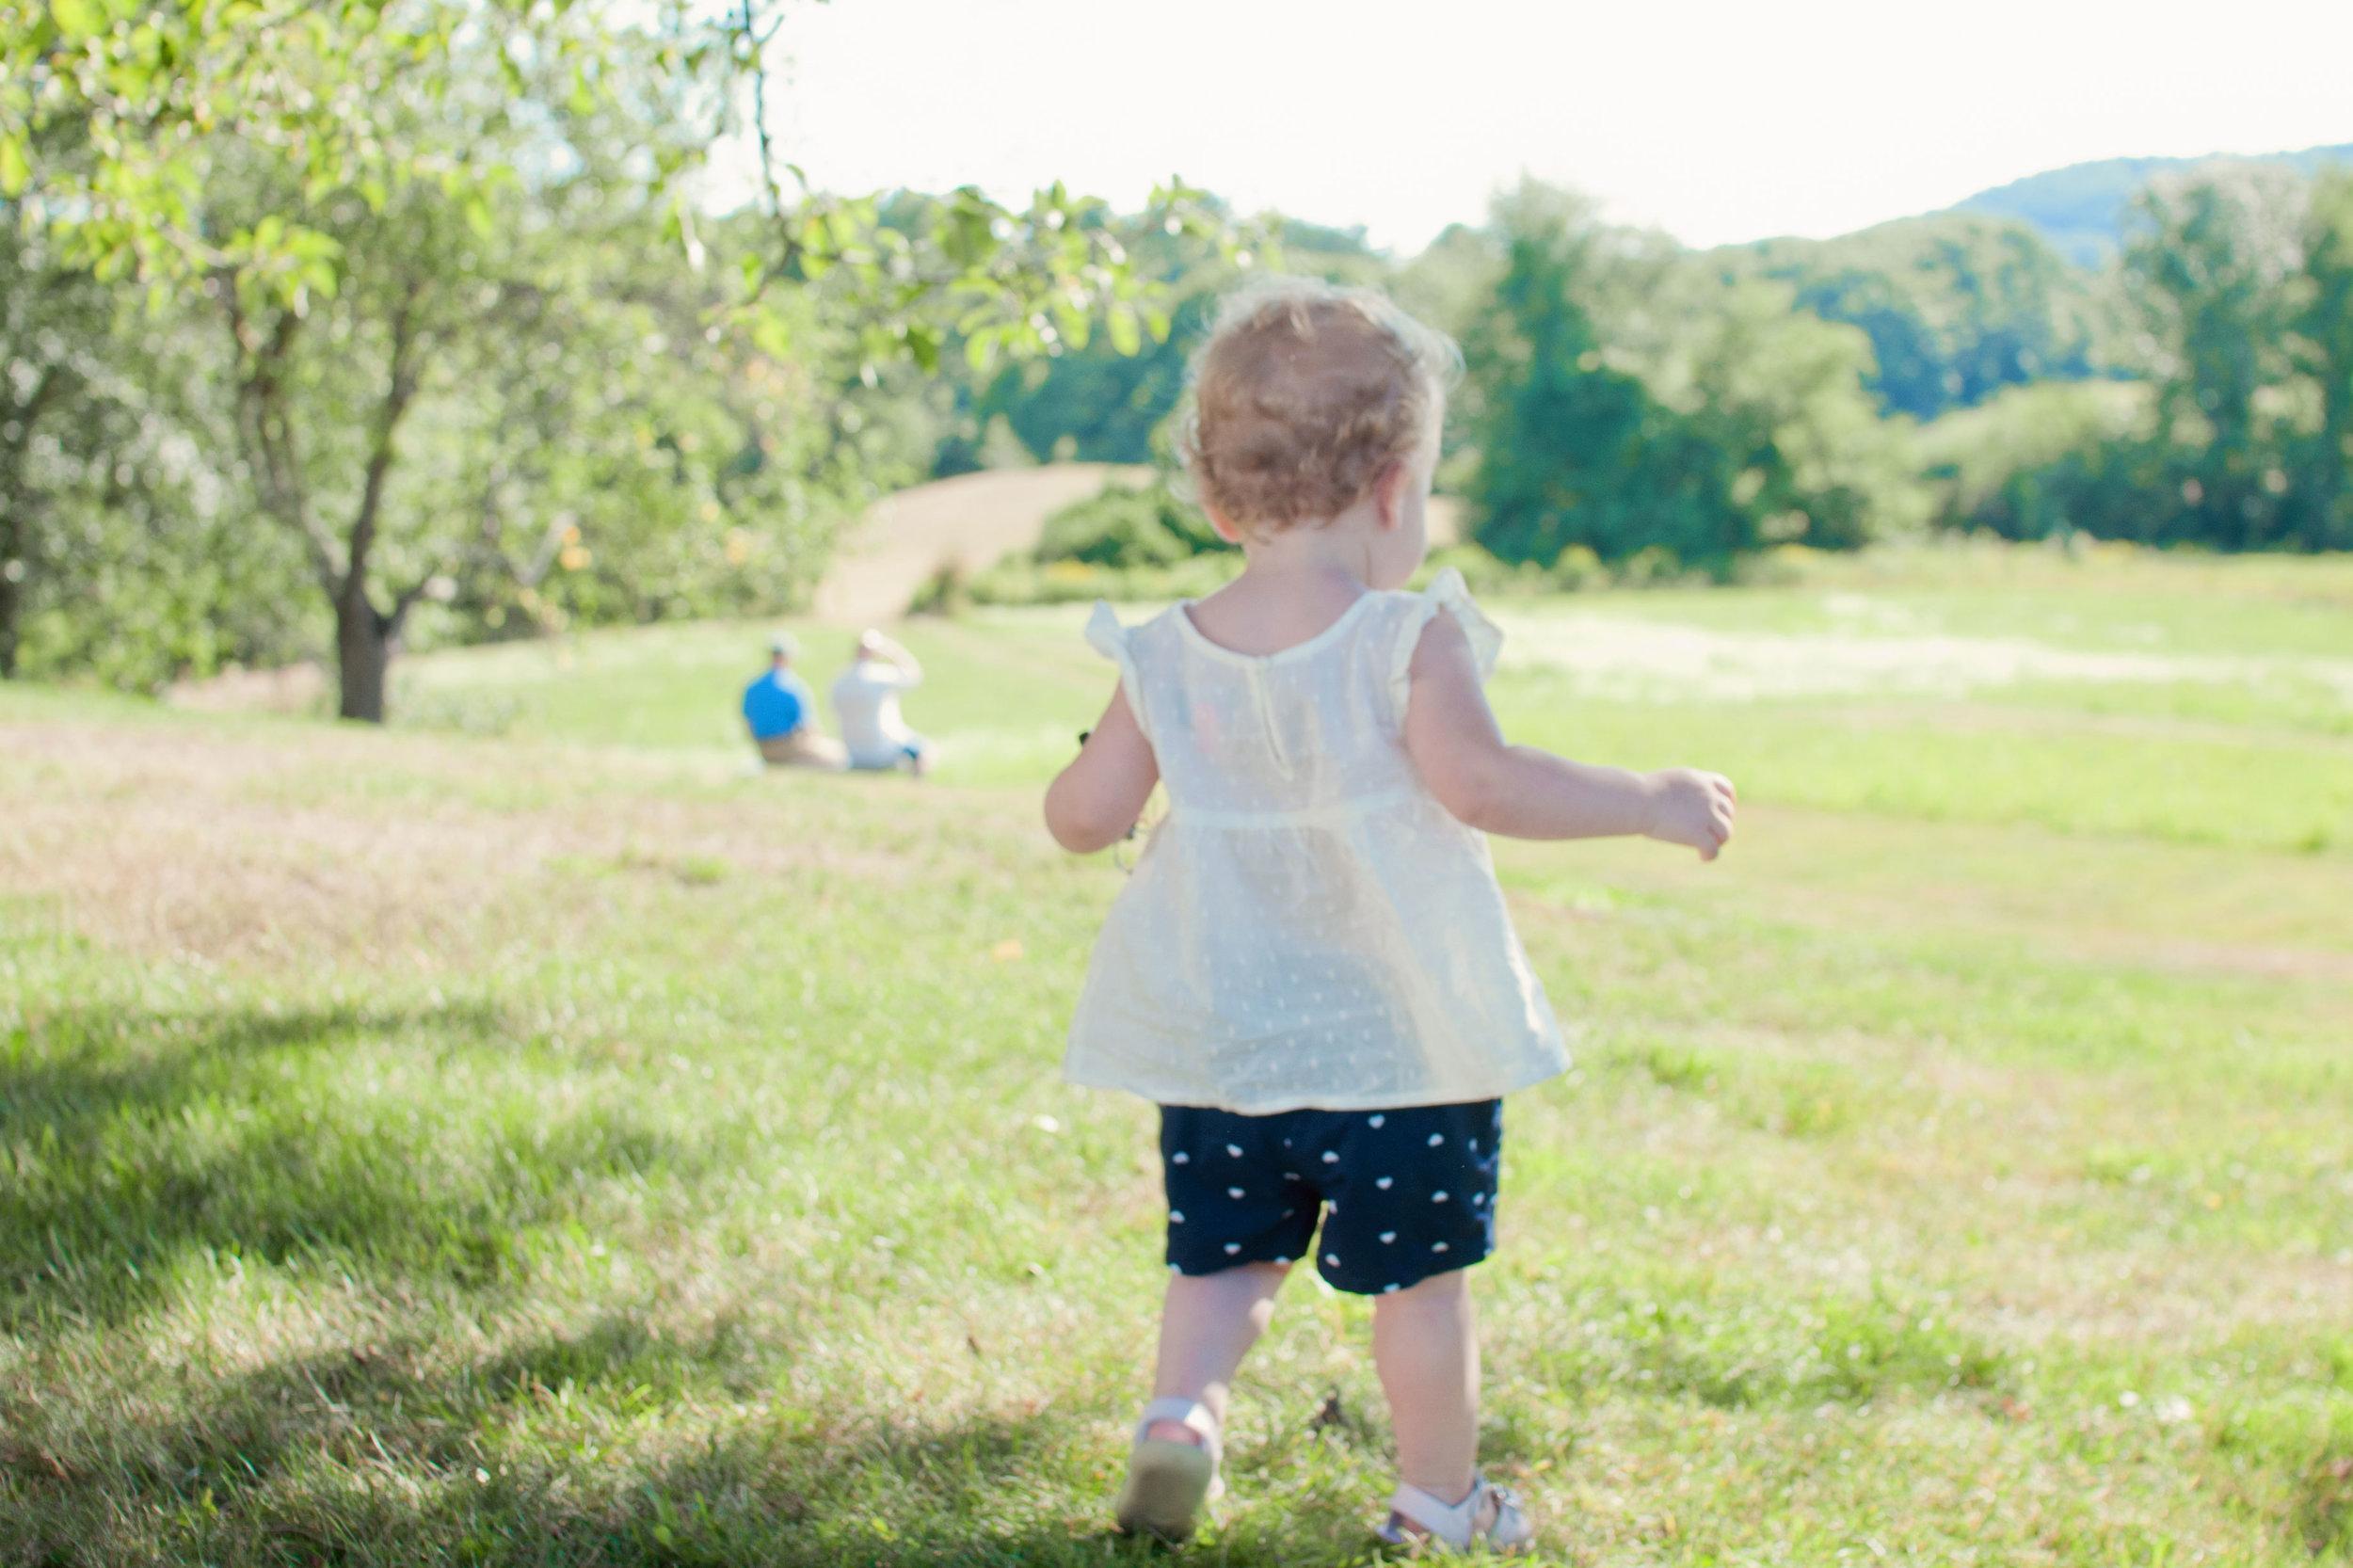 little toddler girl walking in a field